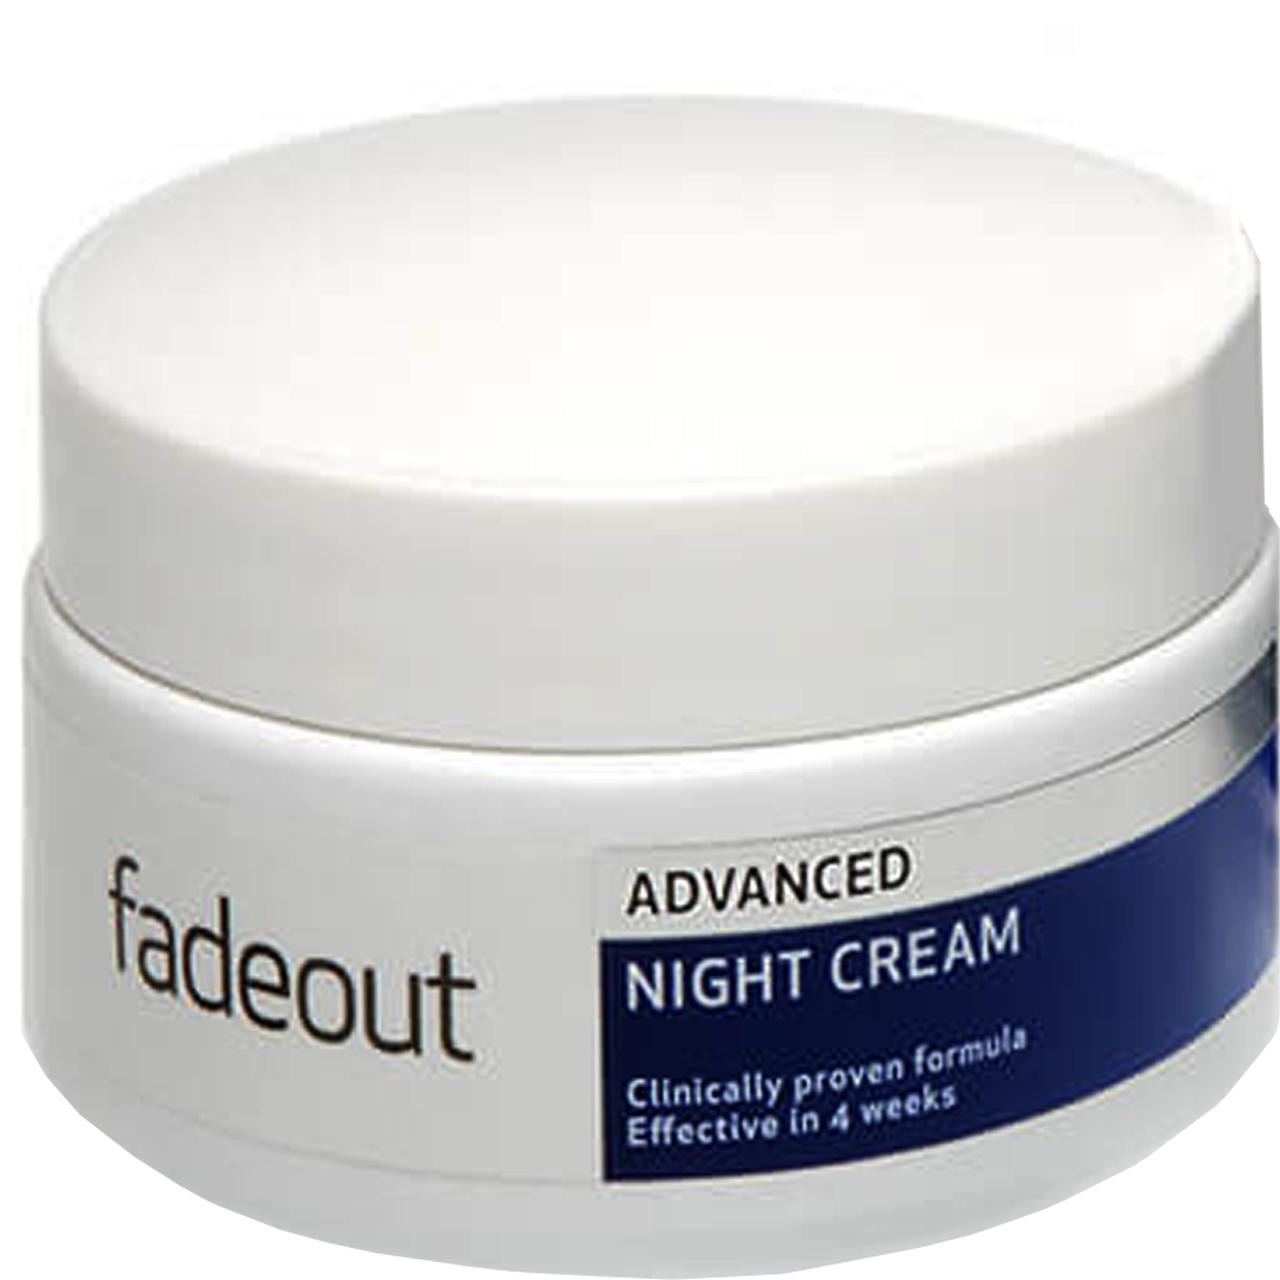 قیمت کرم ضد لک و روشن کننده شب فیداوت مدلWHITENING  حجم 50 میلی لیتر